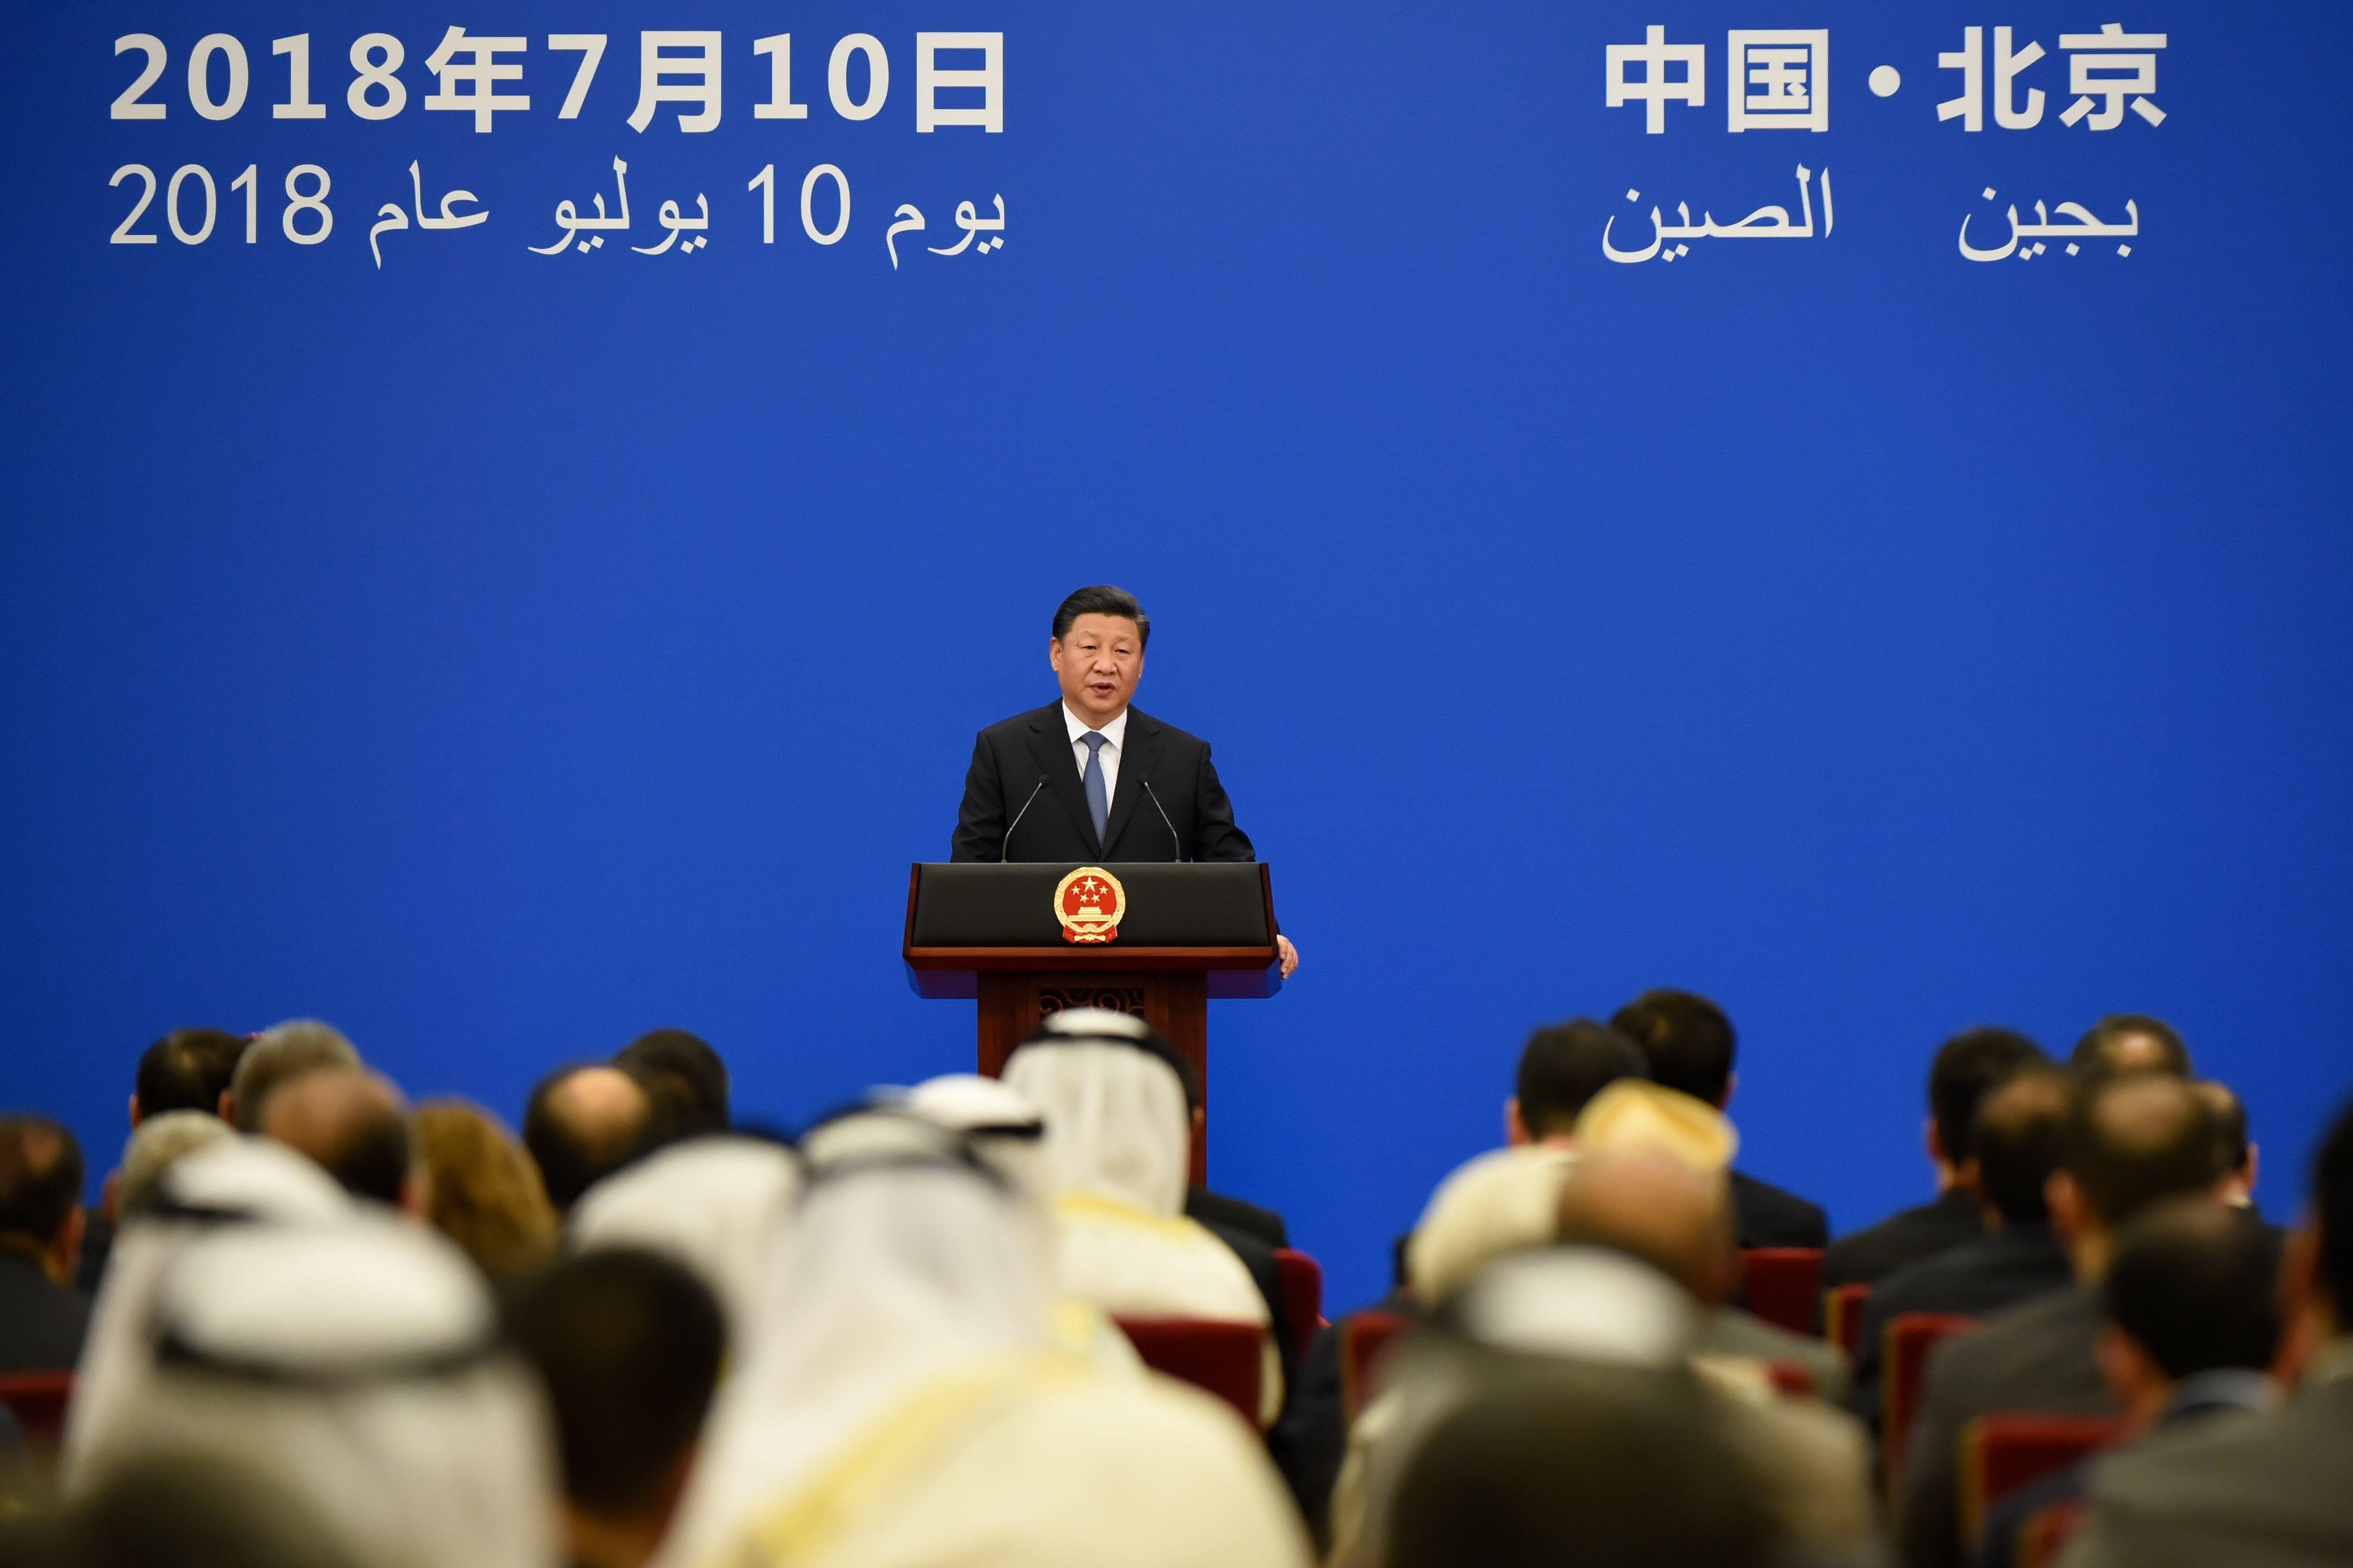 كلمة رئيس الصين فى المنتدى الصينى العربى